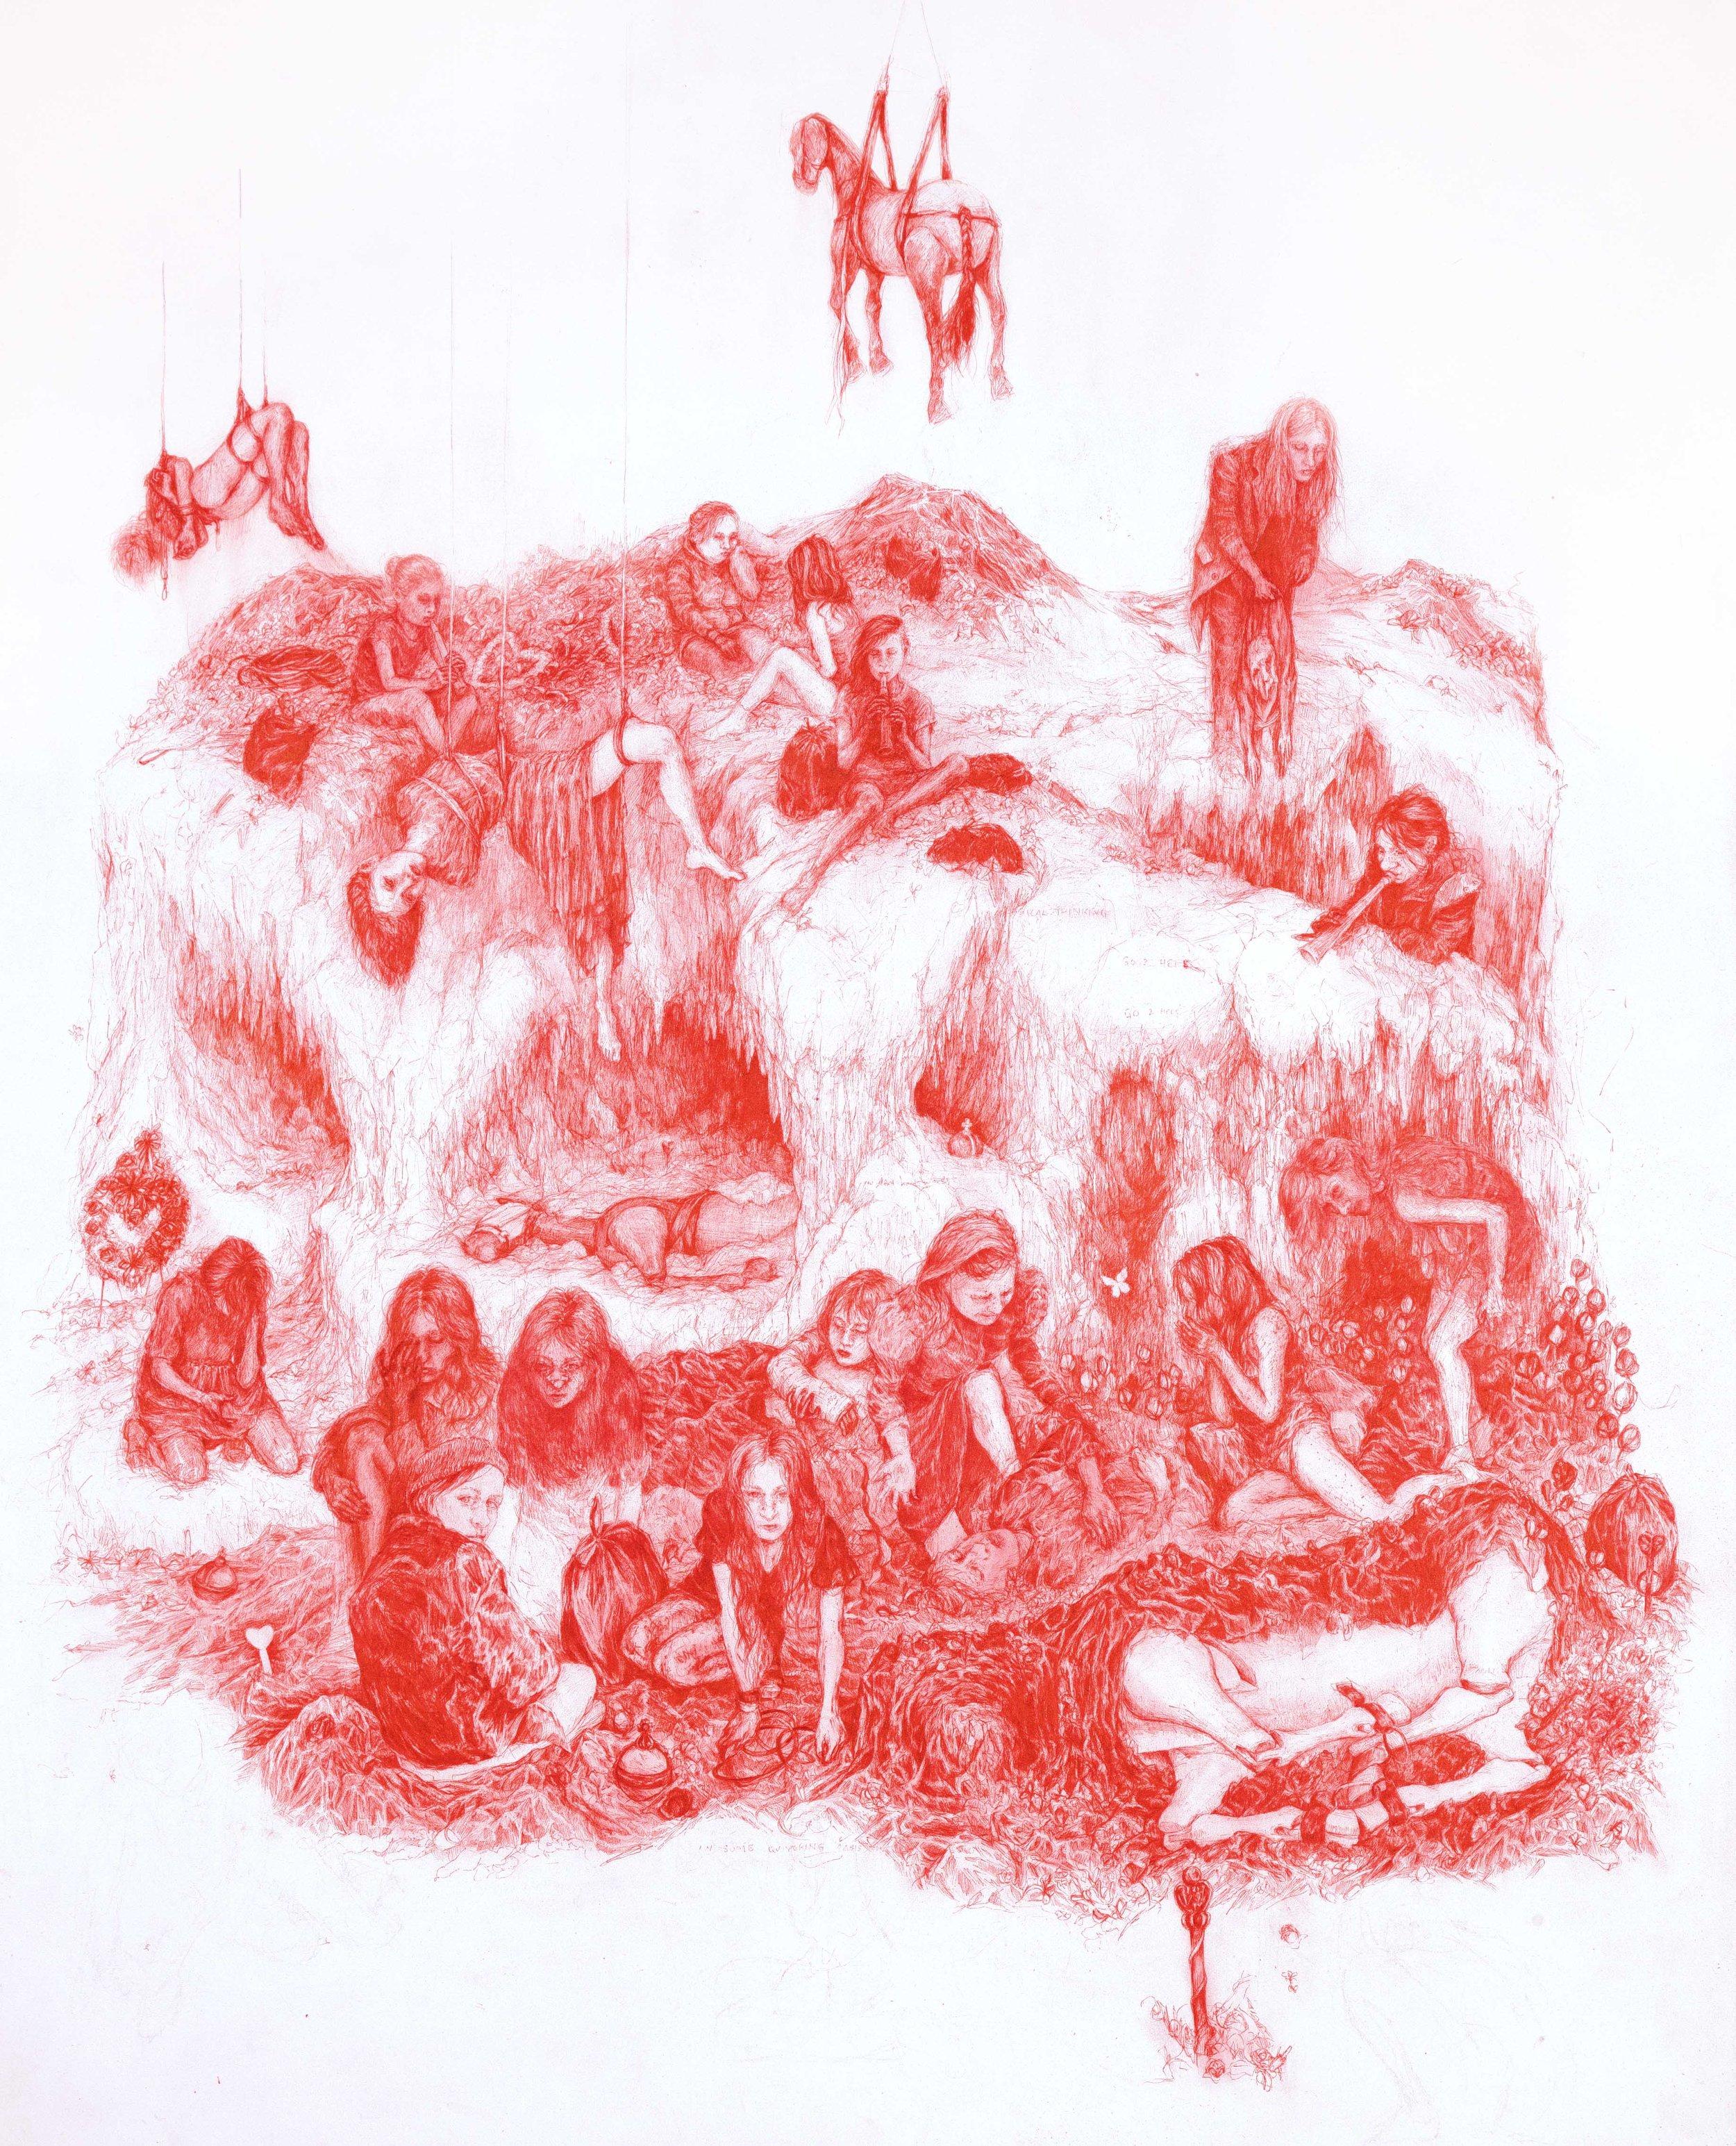 Rebecca Fin Simonetti, The Last Judgement, 2016  pen on paper, 20 x 30 inches